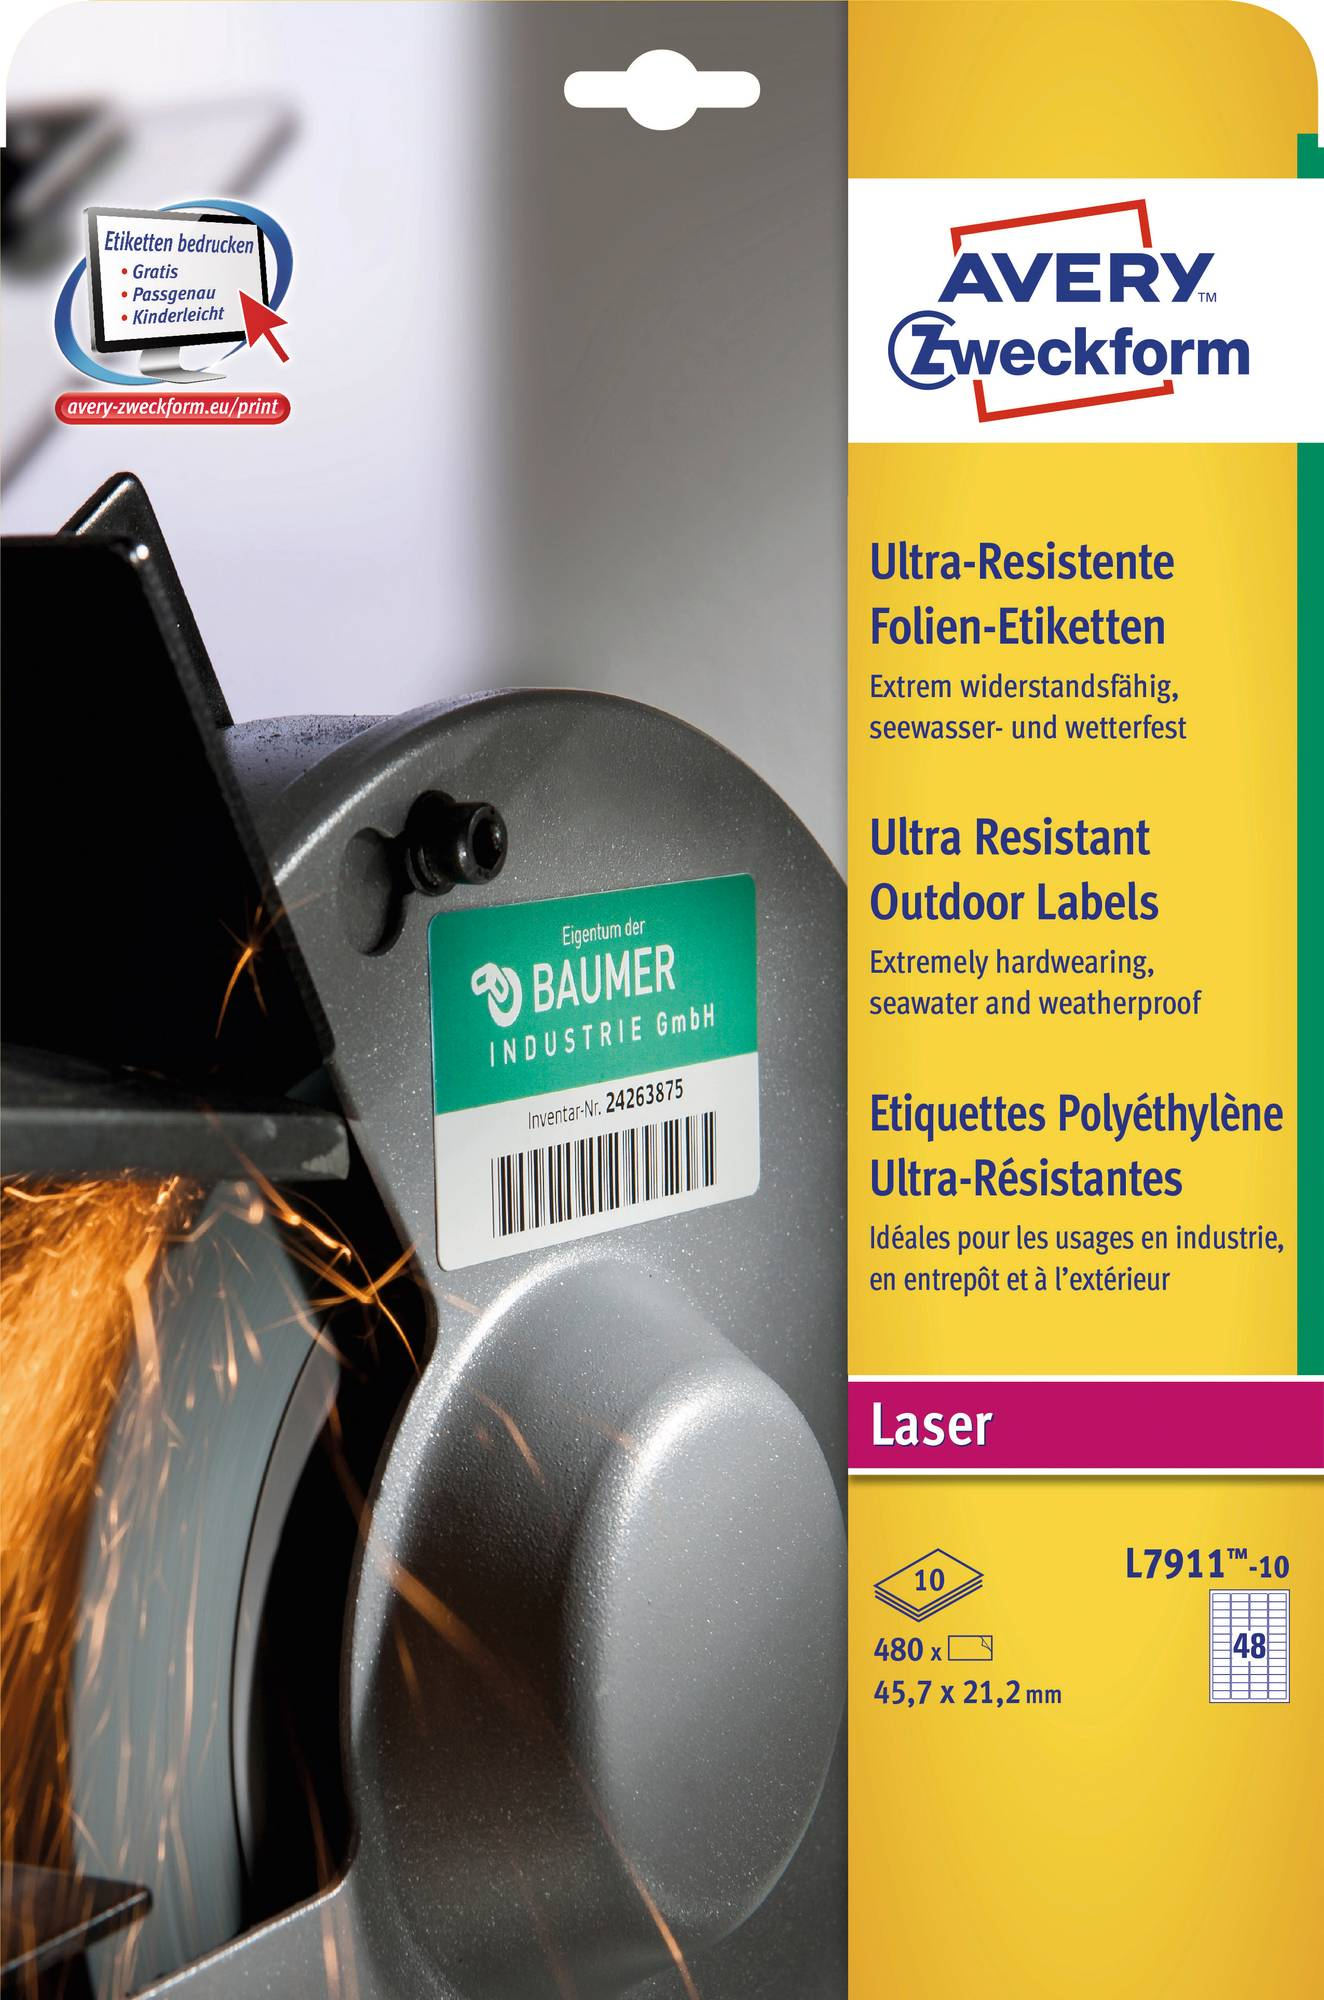 Verpackungsansicht Avery Zweckform L7911 Ultra-Resistente Etiketten mit den Maßen 45,7 x 21,2 mm